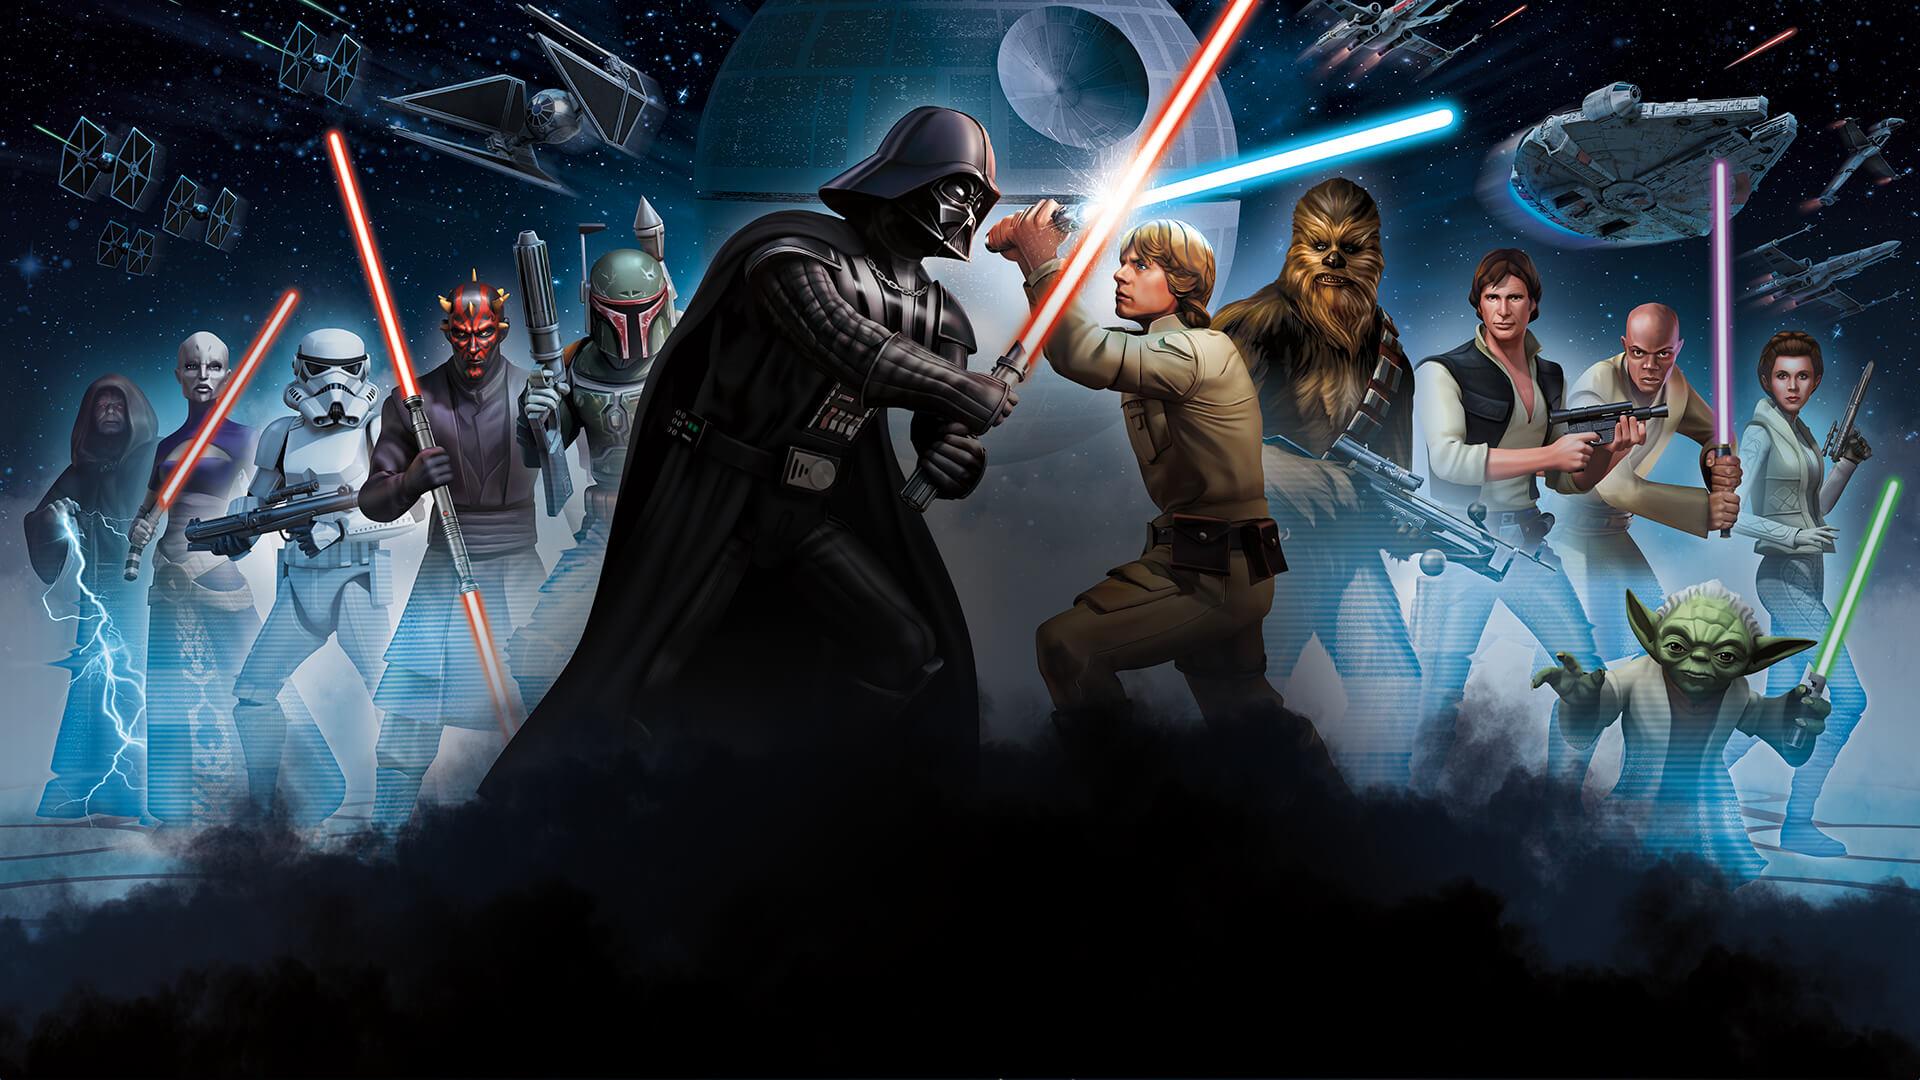 Disfruta de toda la saga de Star Wars en Netflix